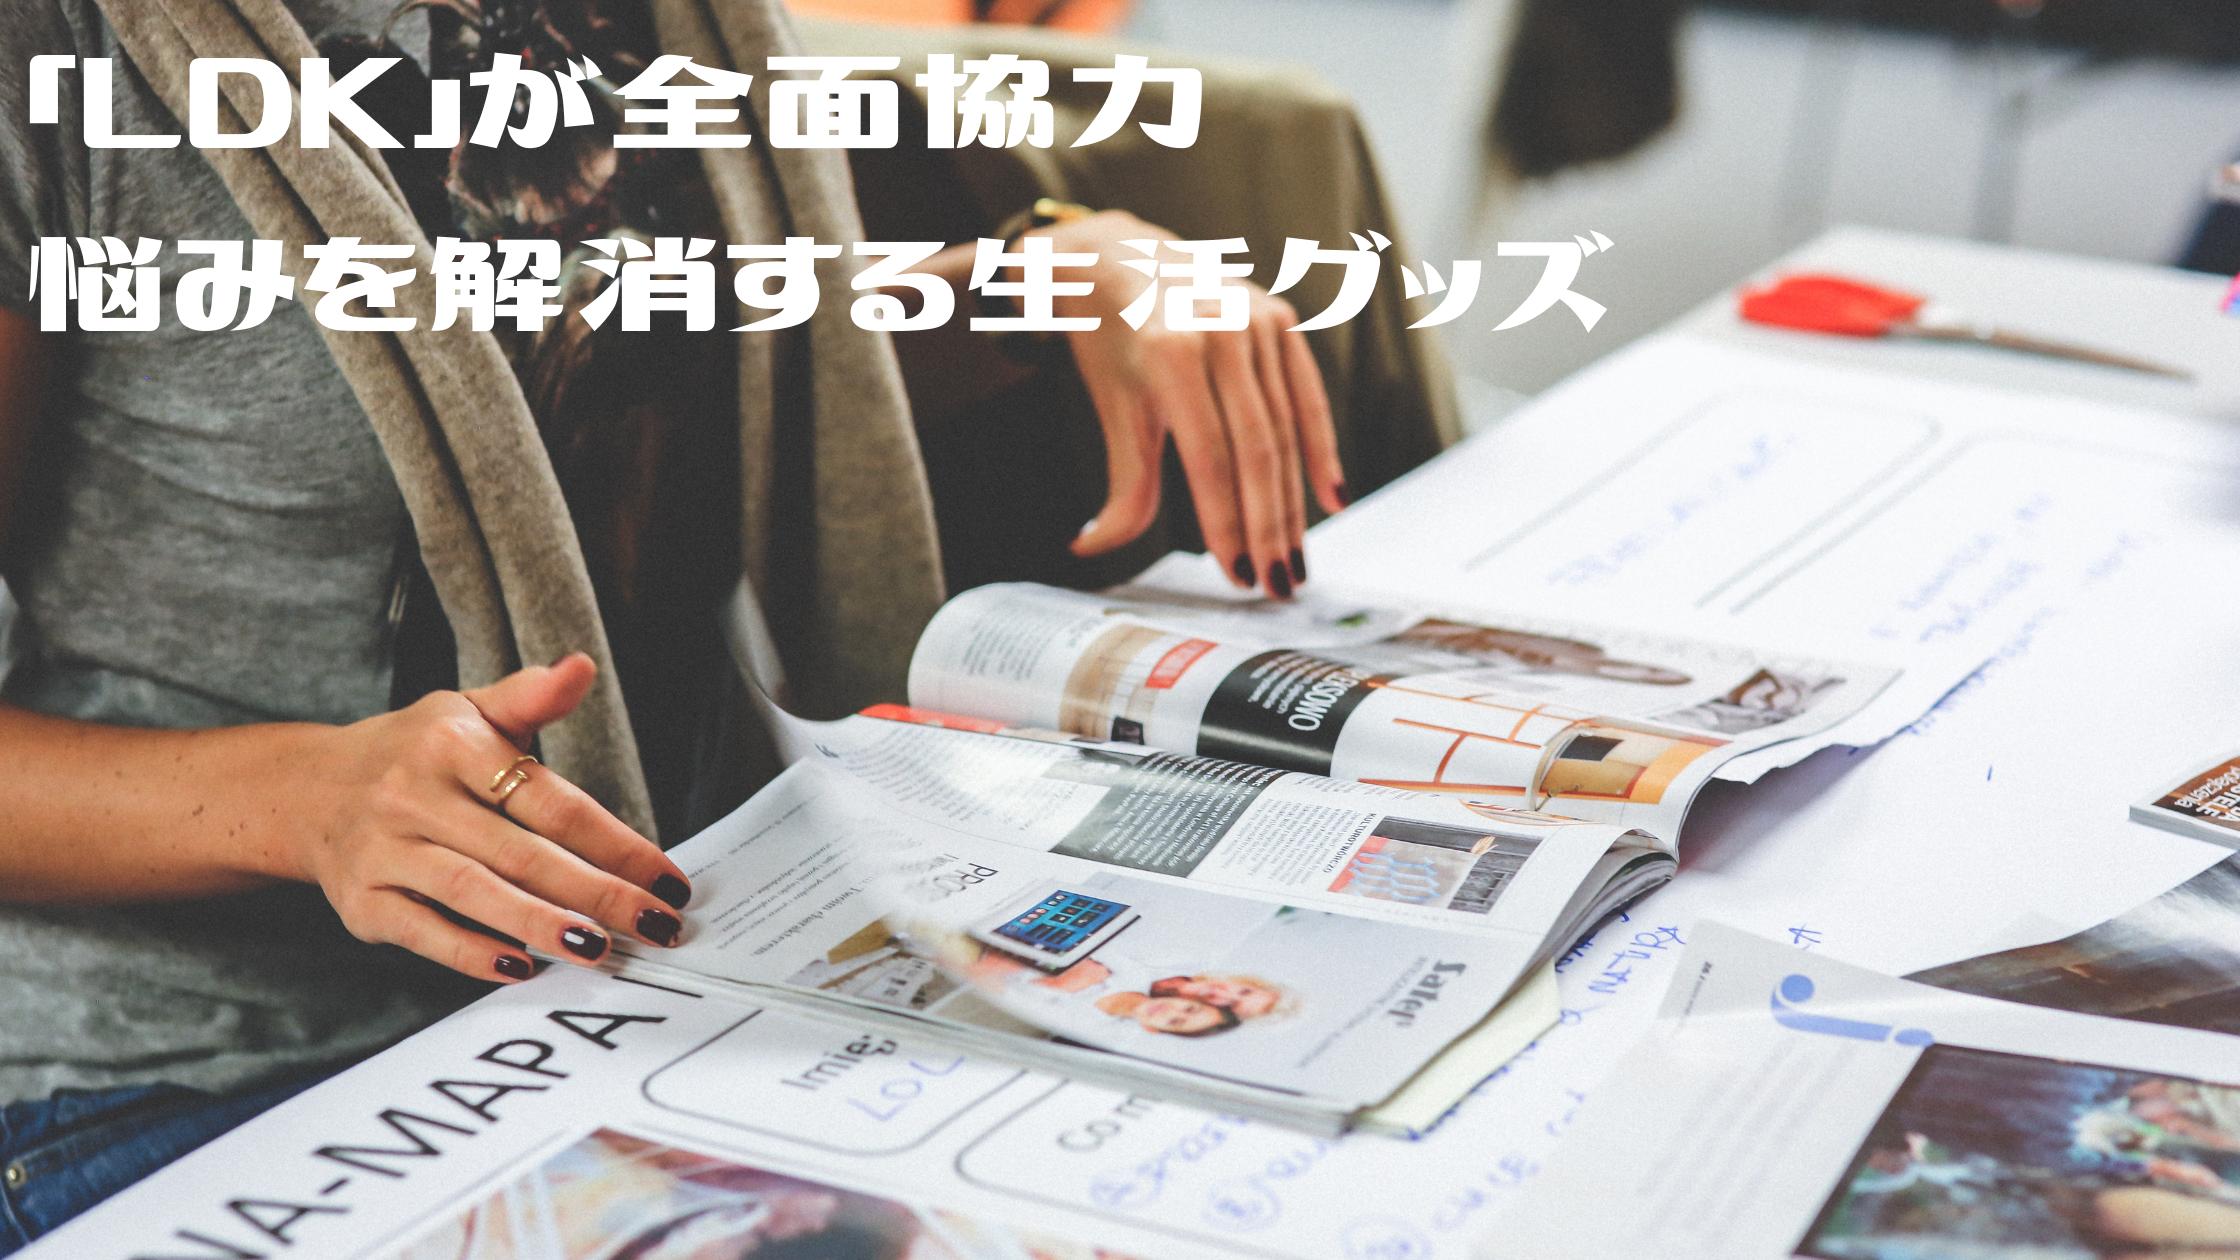 【人気雑誌LDK】『編集部が太鼓判』を押す芸能人のお悩み解消グッズ